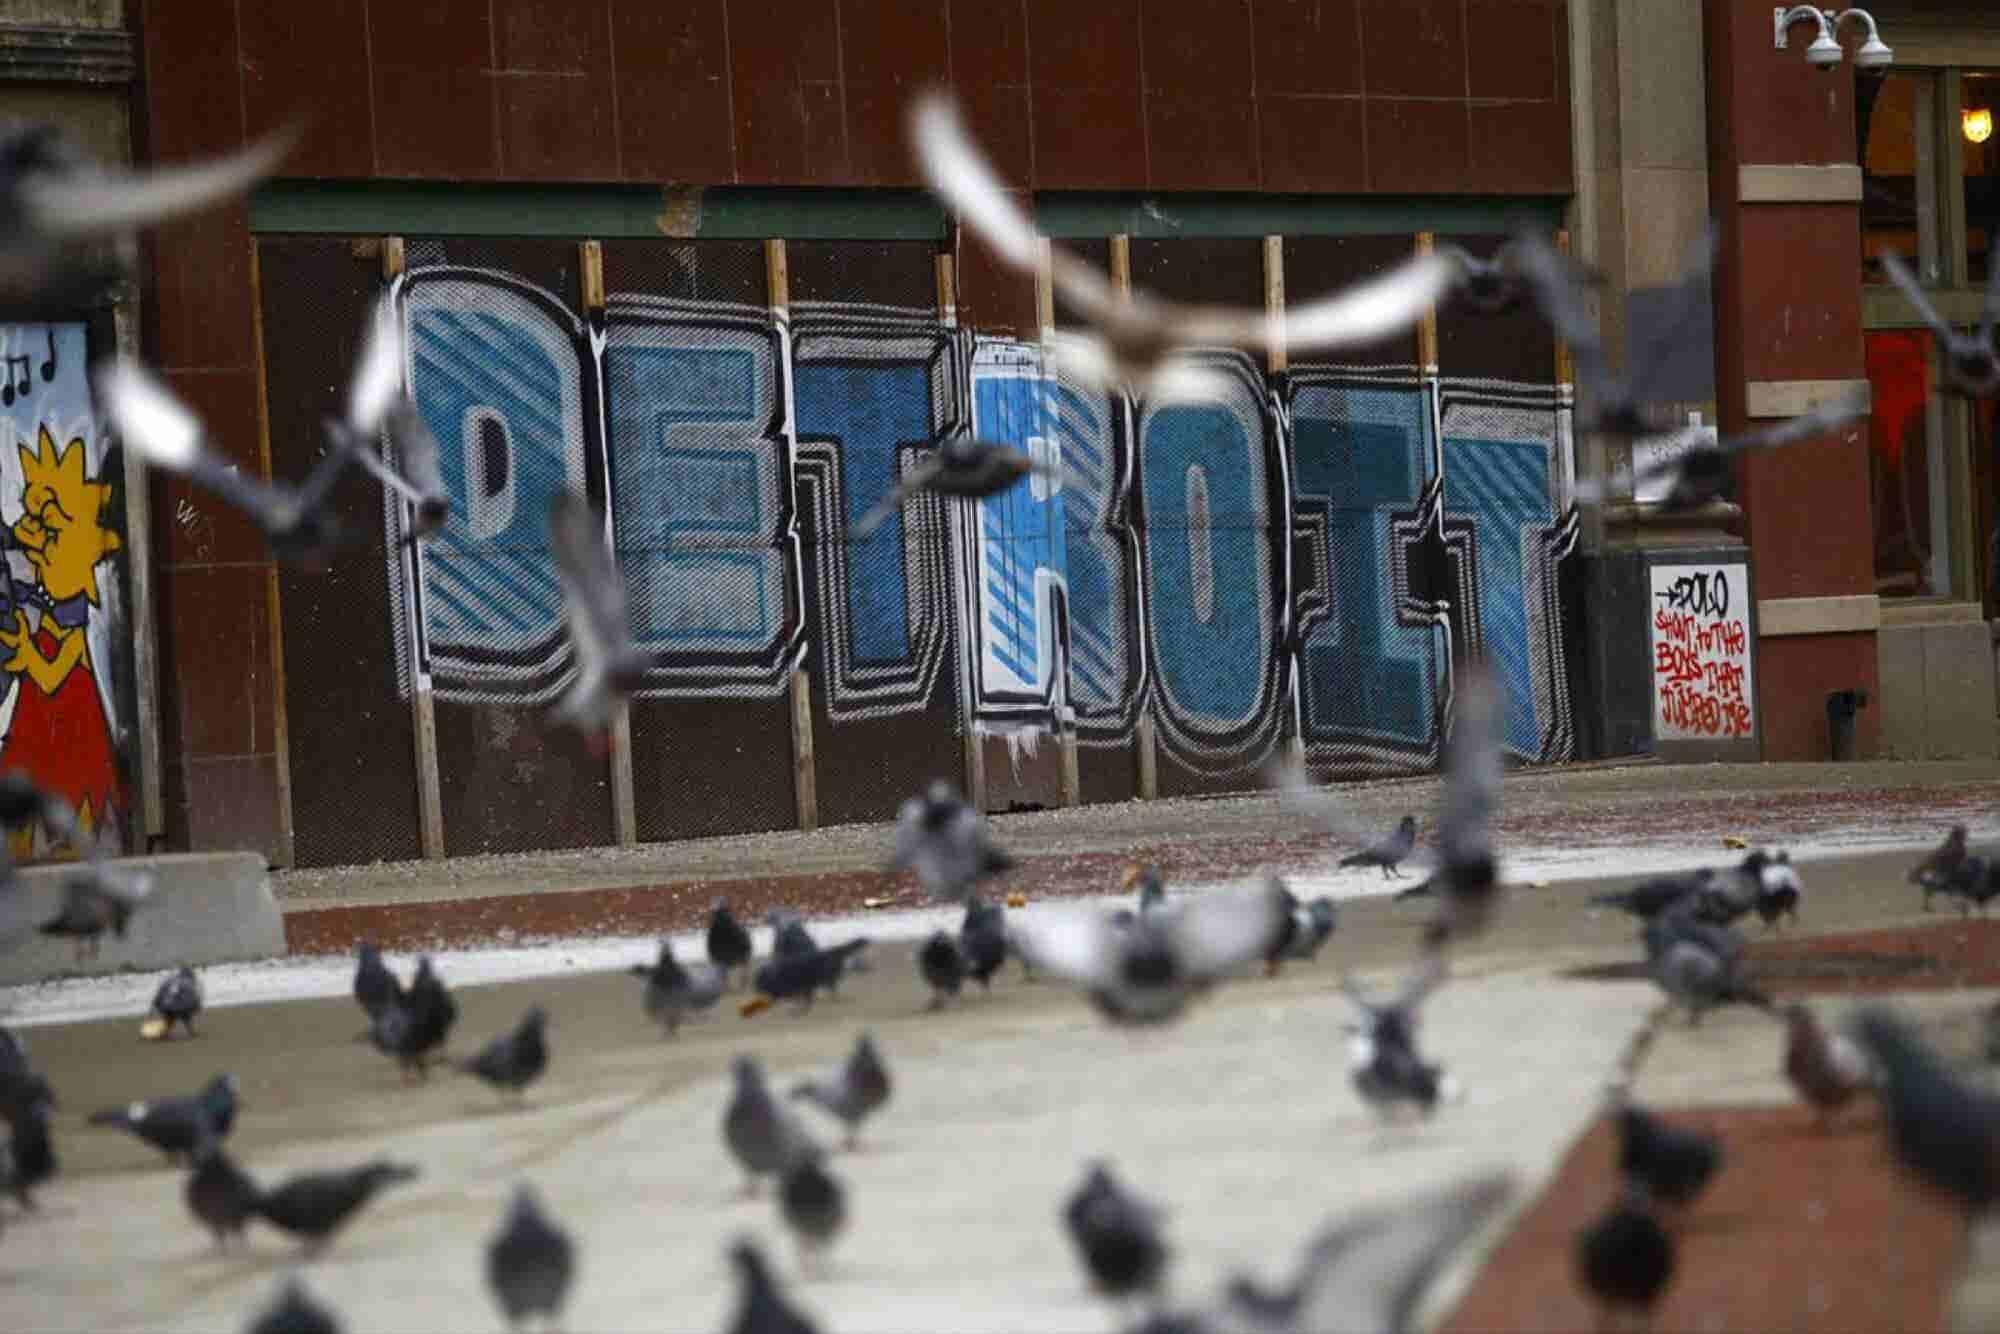 Judge Confirms Detroit Plan to Exit Historic Bankruptcy